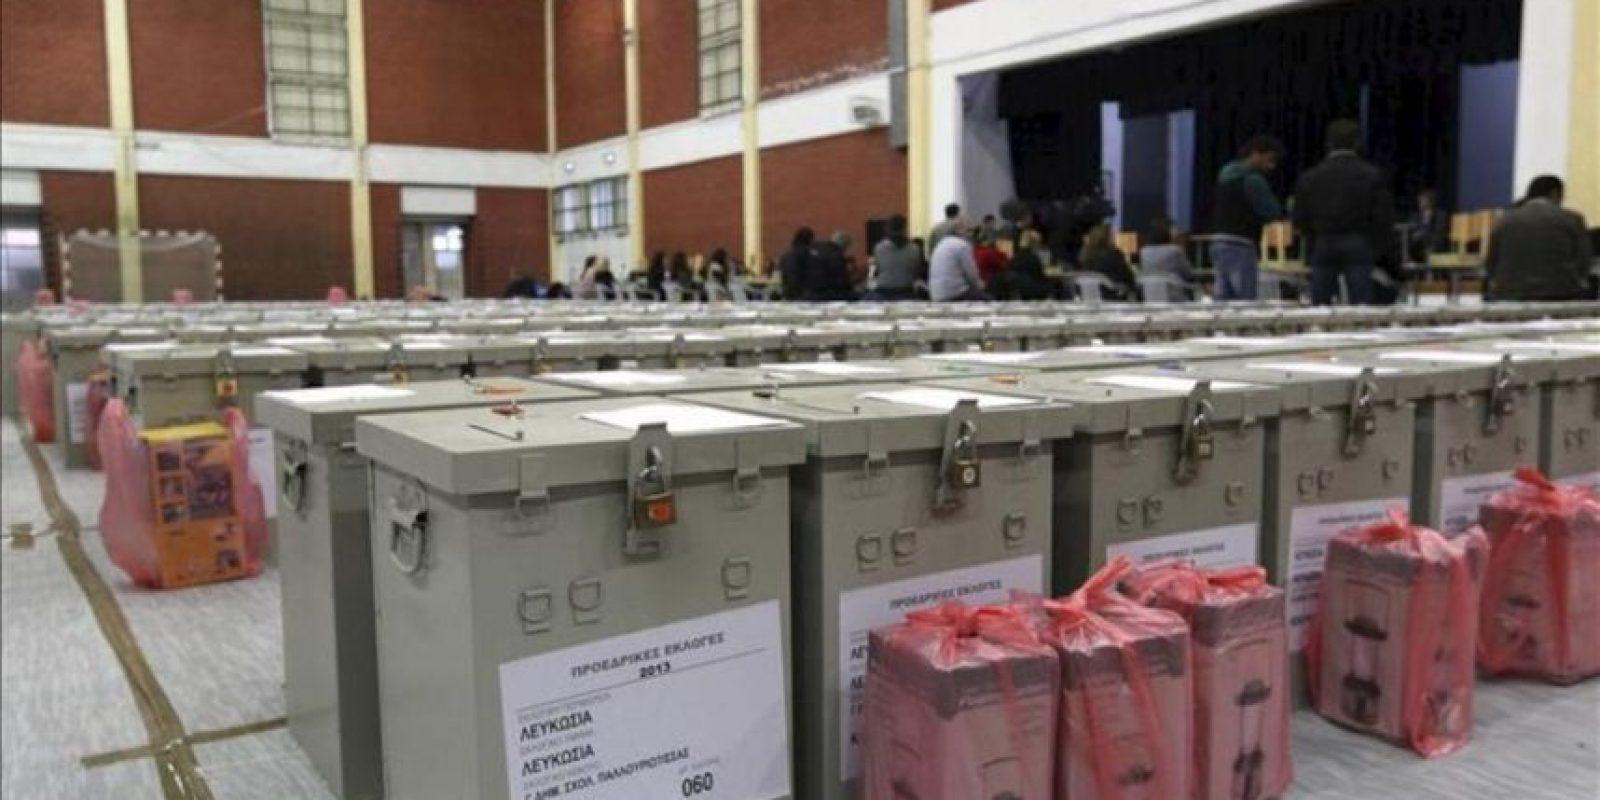 Varias urnas electorales depositadas en un pabellón deportivo en Nicosia (Chipre). EFE/Archivo